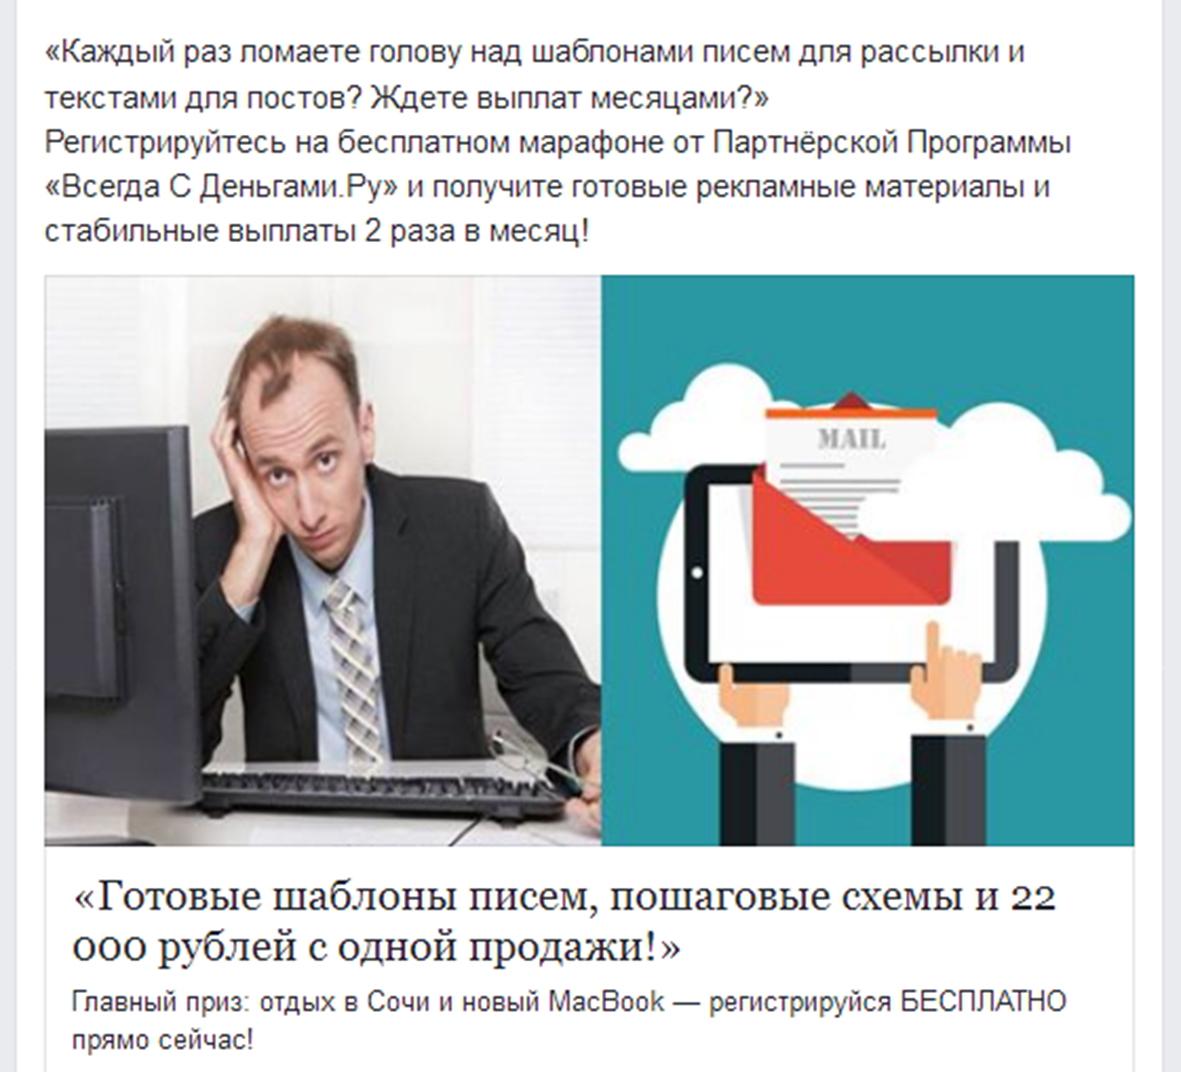 Рекламное объявление, созданное в рамках услуги настройки рекламы, визуально для пояснения